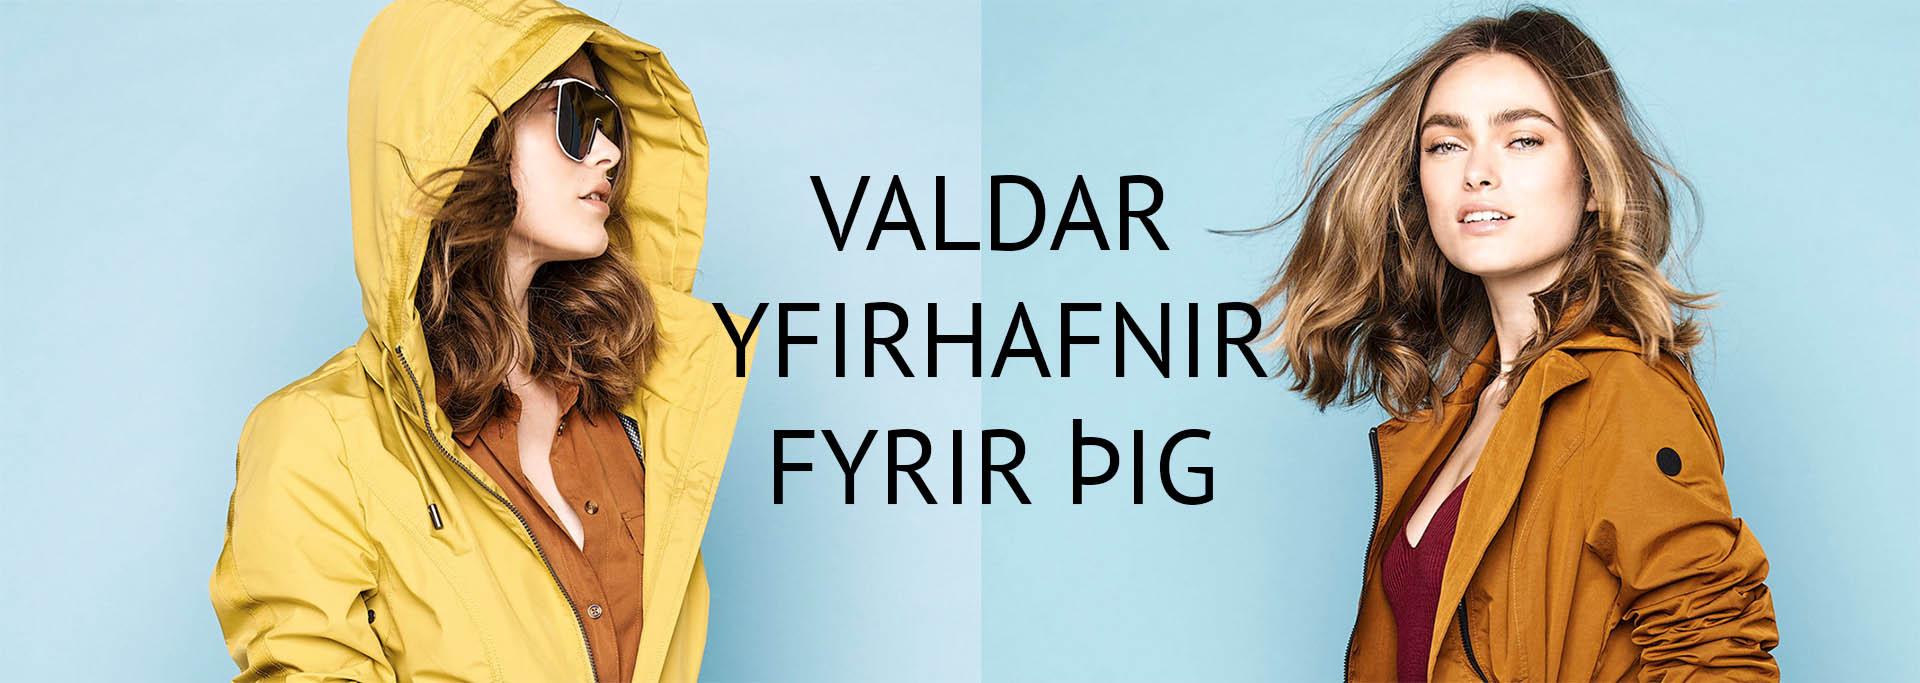 Þú færð yfirhöfnina allt árið í laxdal.is